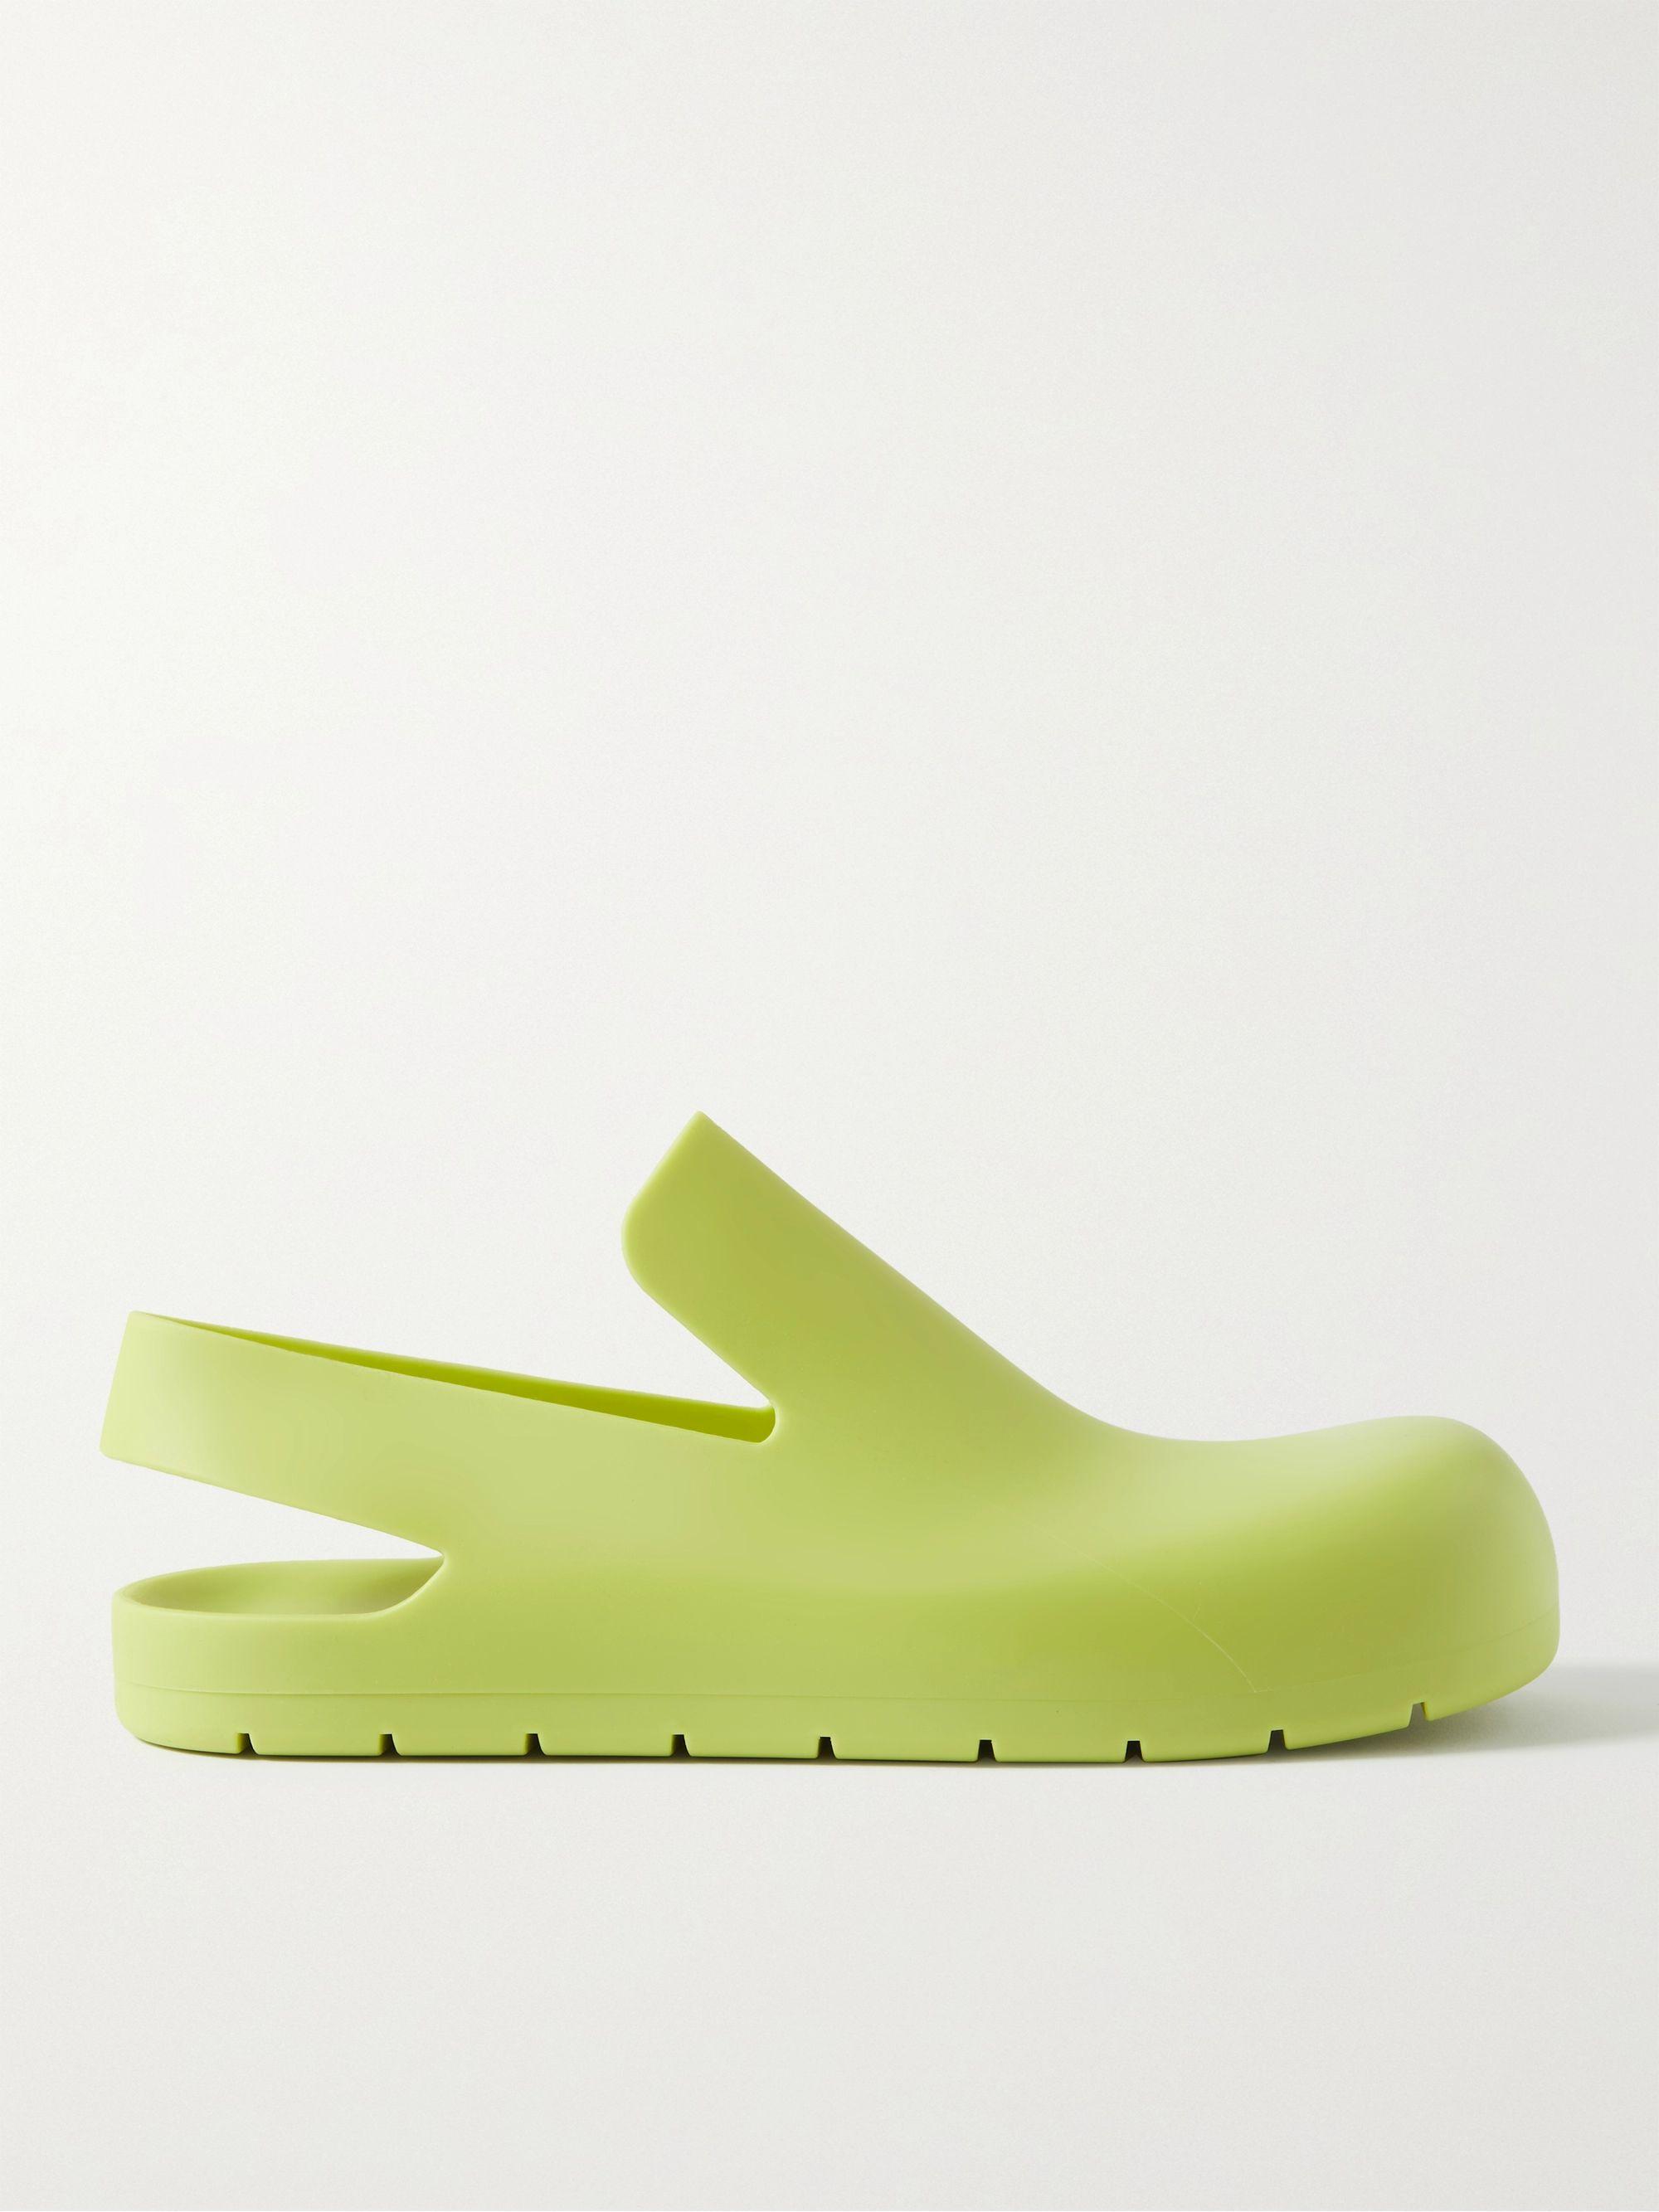 보테가 베네타 Bottega Veneta Rubber Sandals,Green